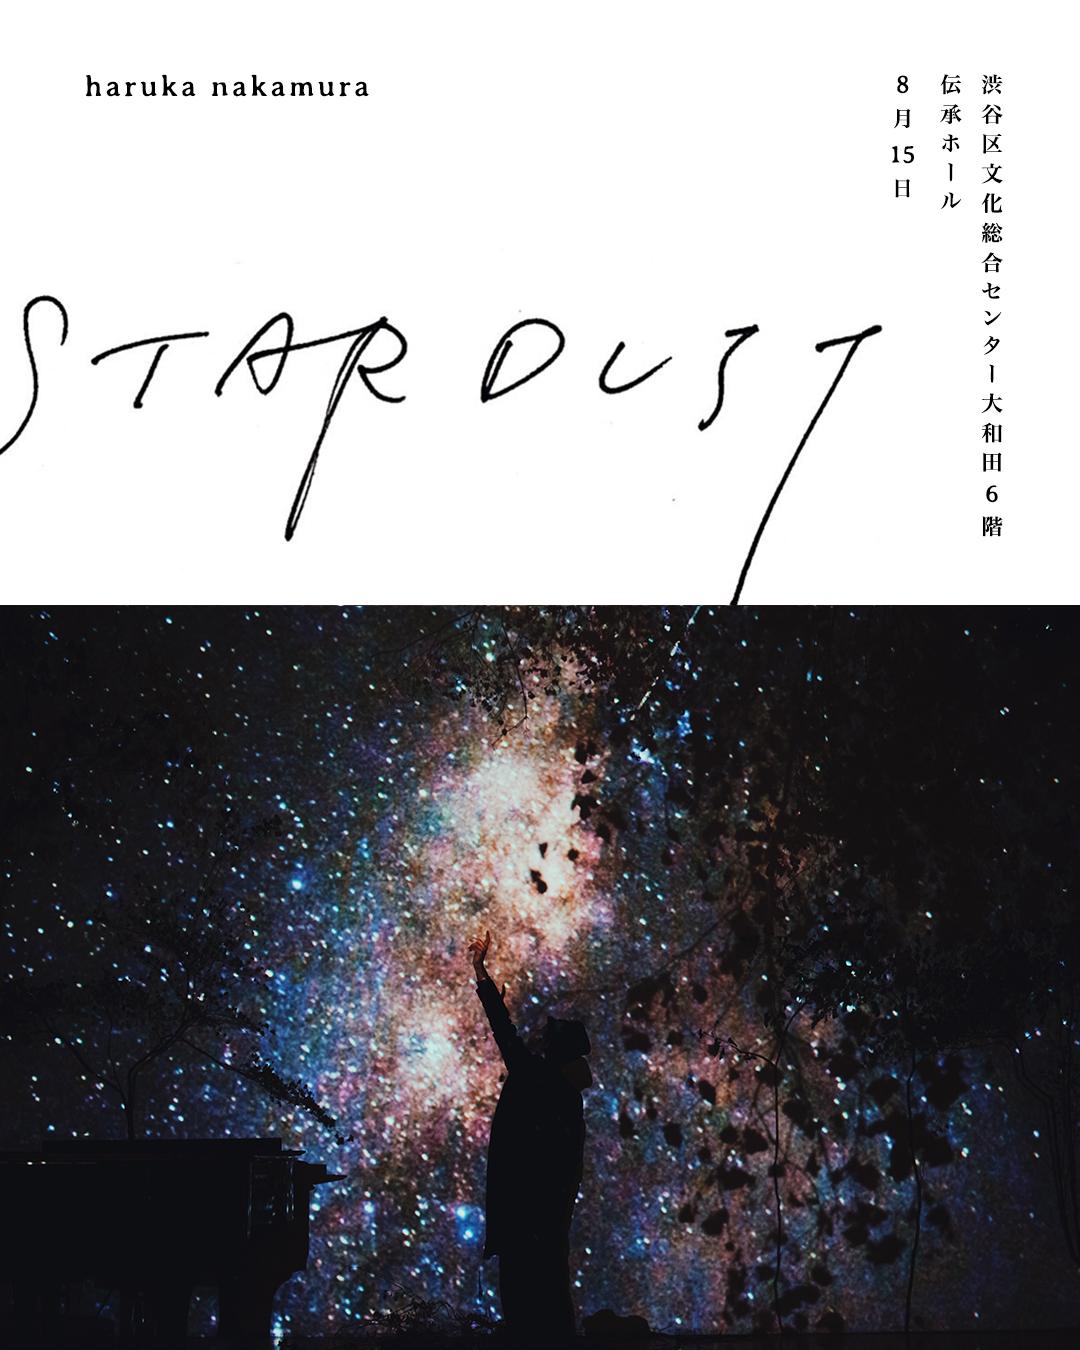 haruka nakamura - STARDUST